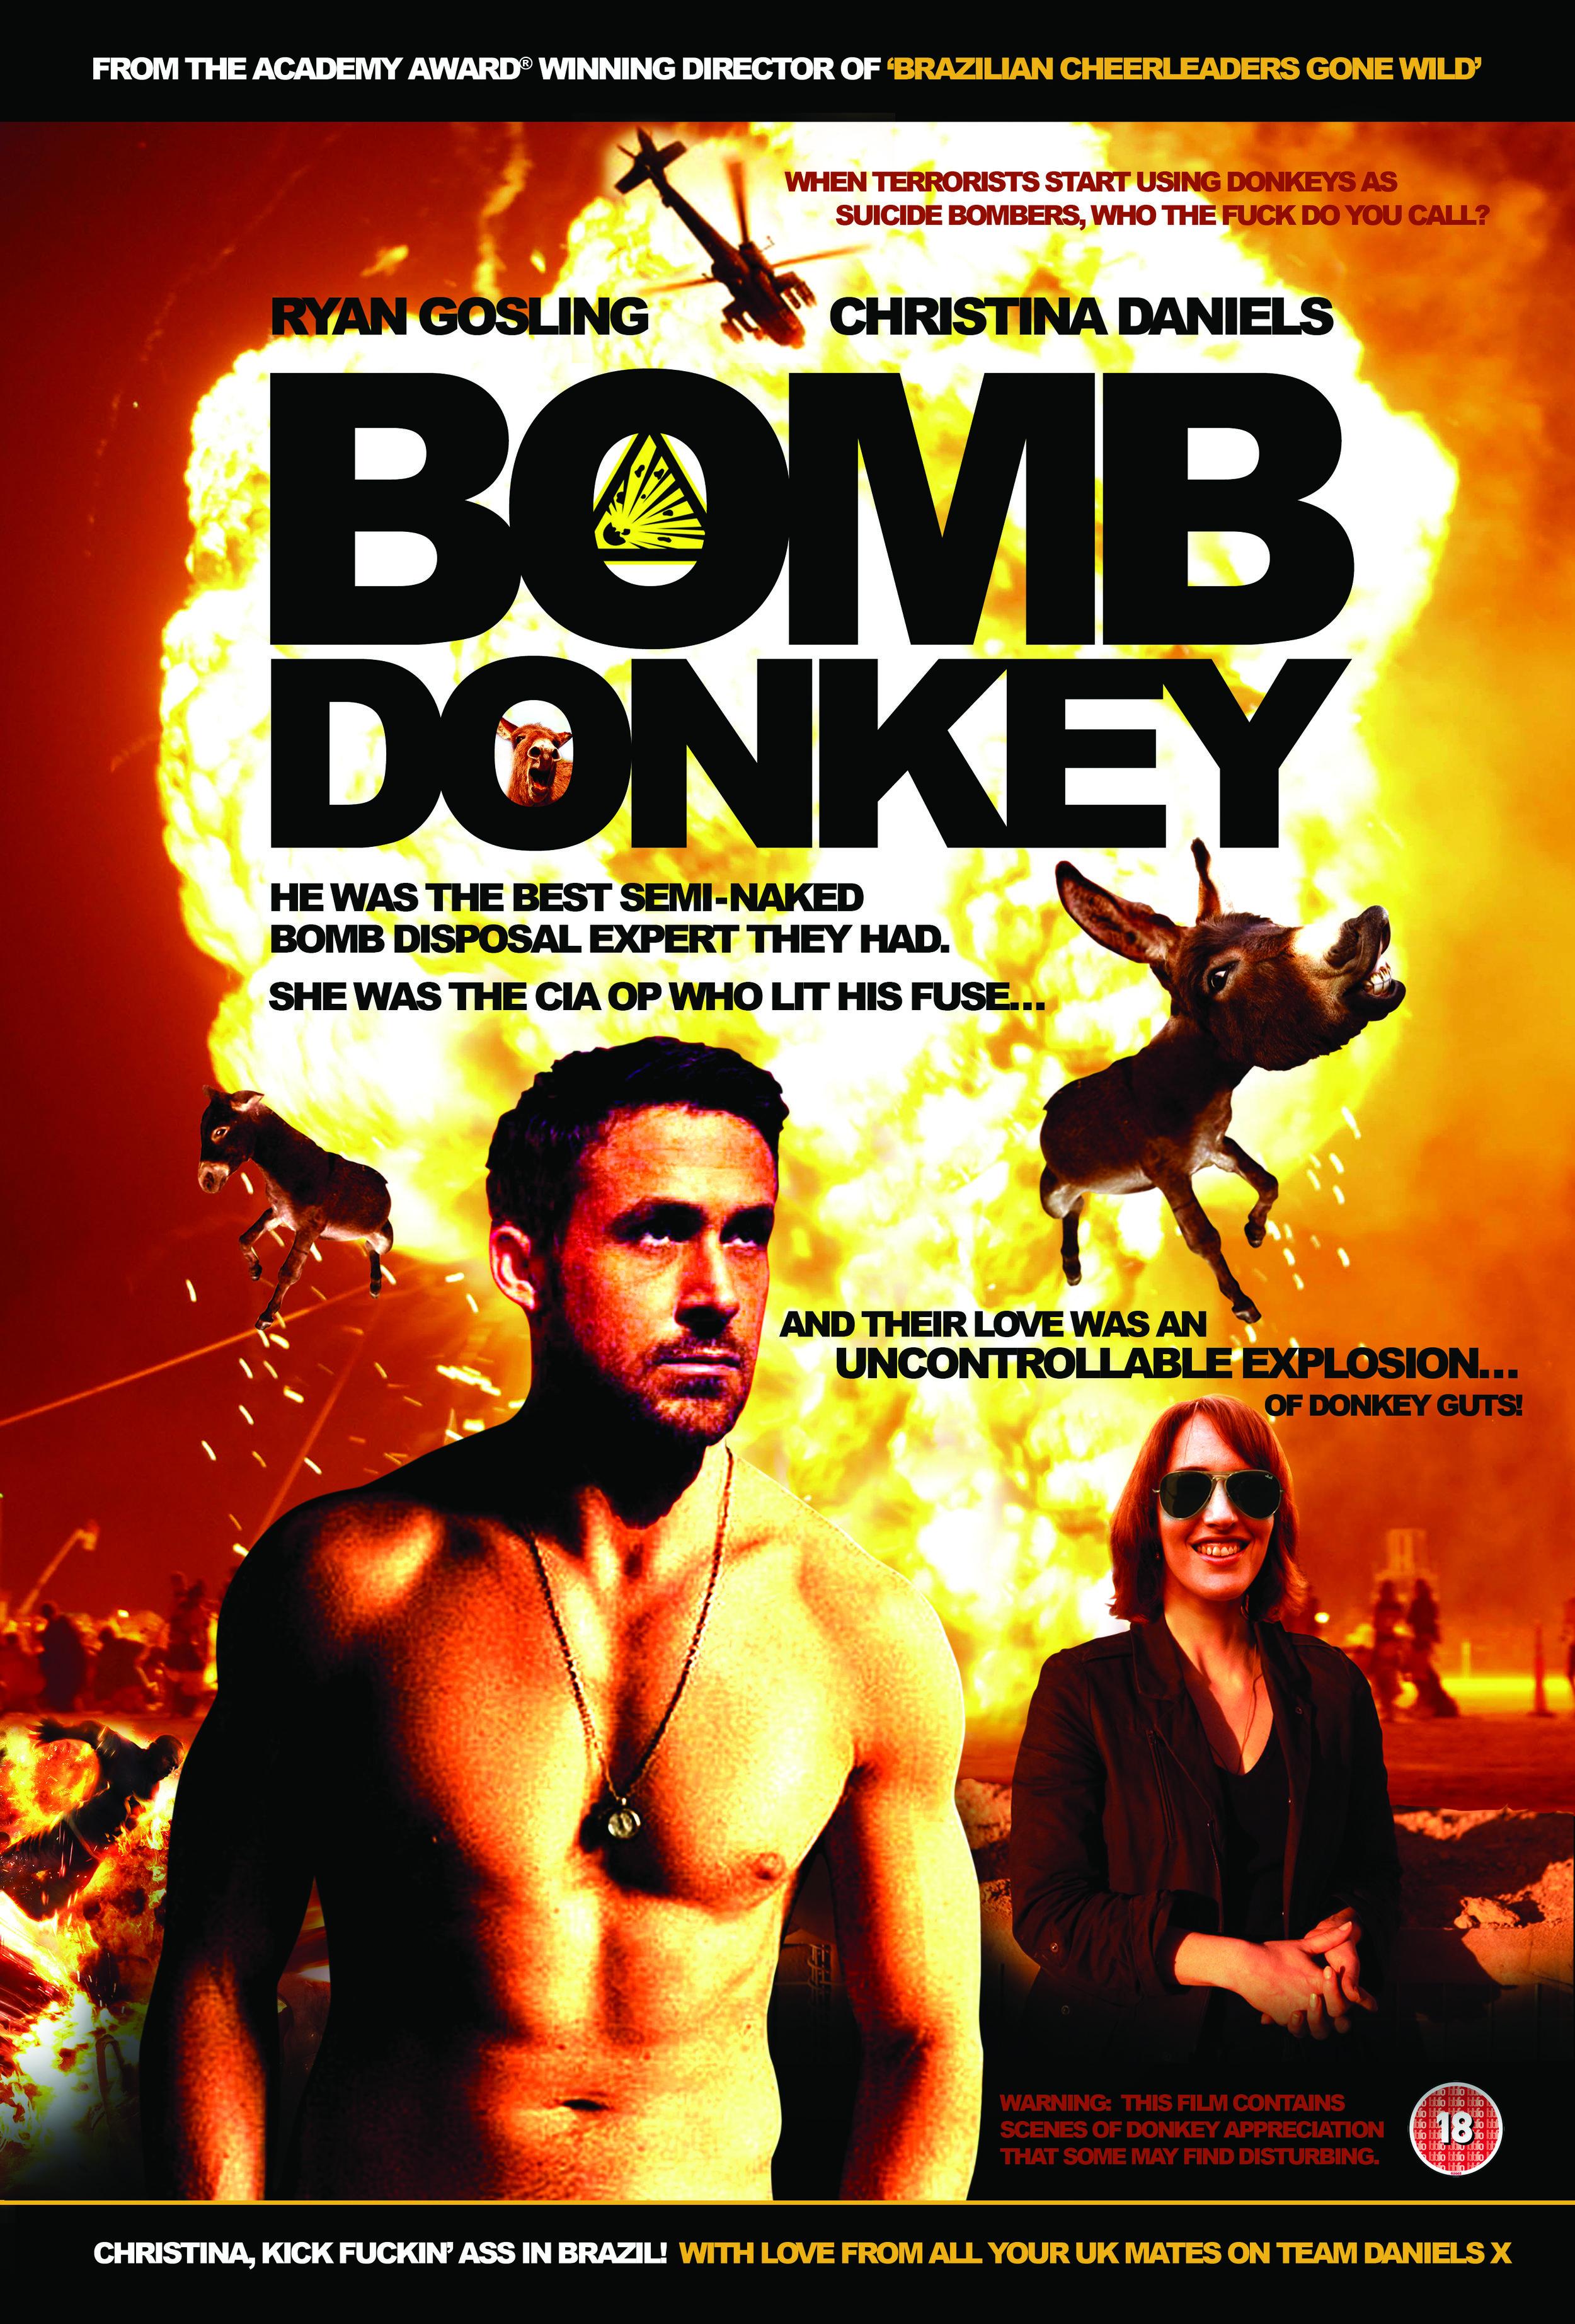 BombDonkey_299x441.jpg